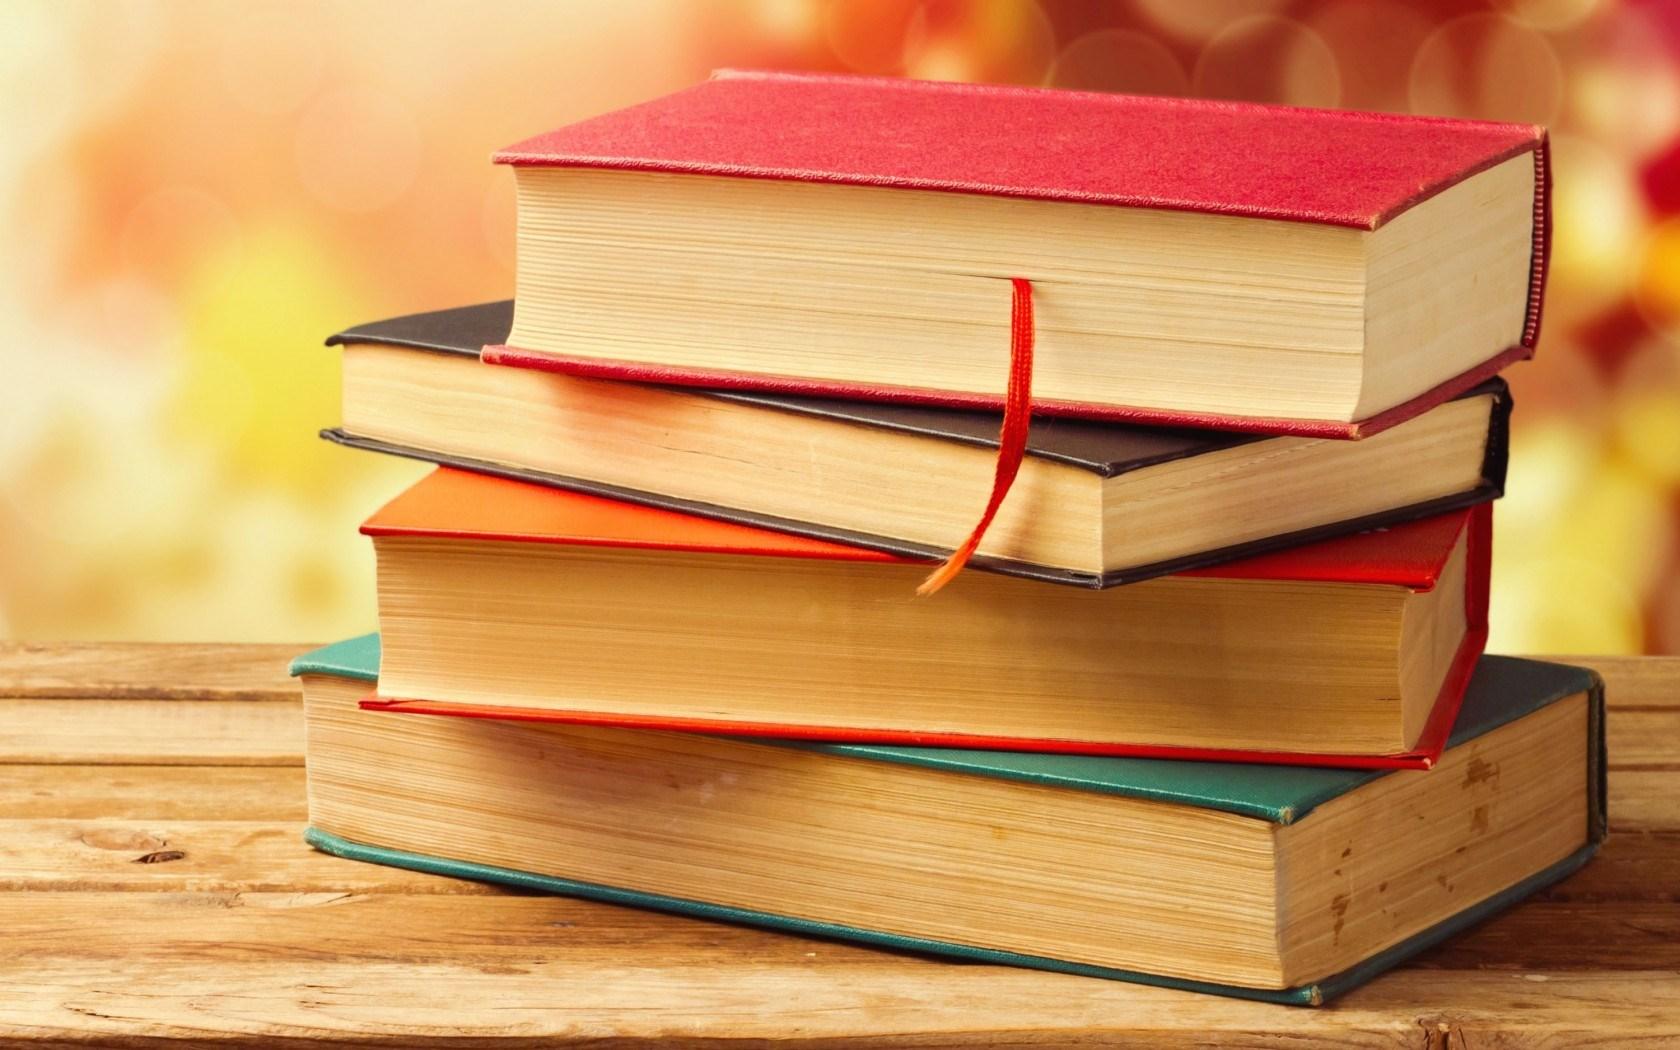 در رفرنس نویسی به روش هاروارد برای کتابهایی که ویرایش اول نیستند، شماره ویرایش نیز باید ذکر شود.